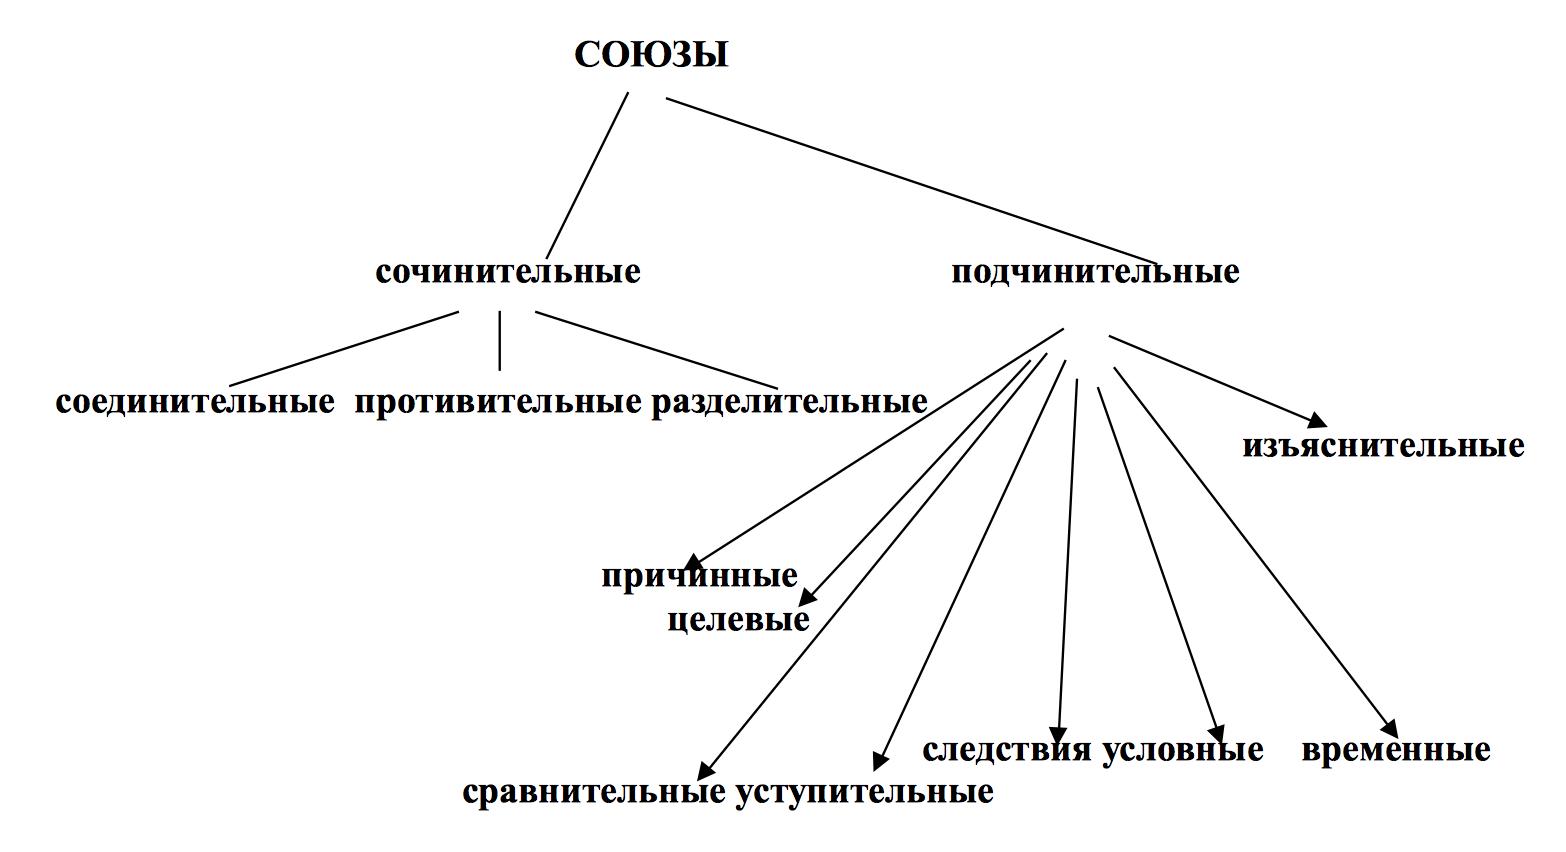 схема частей речи